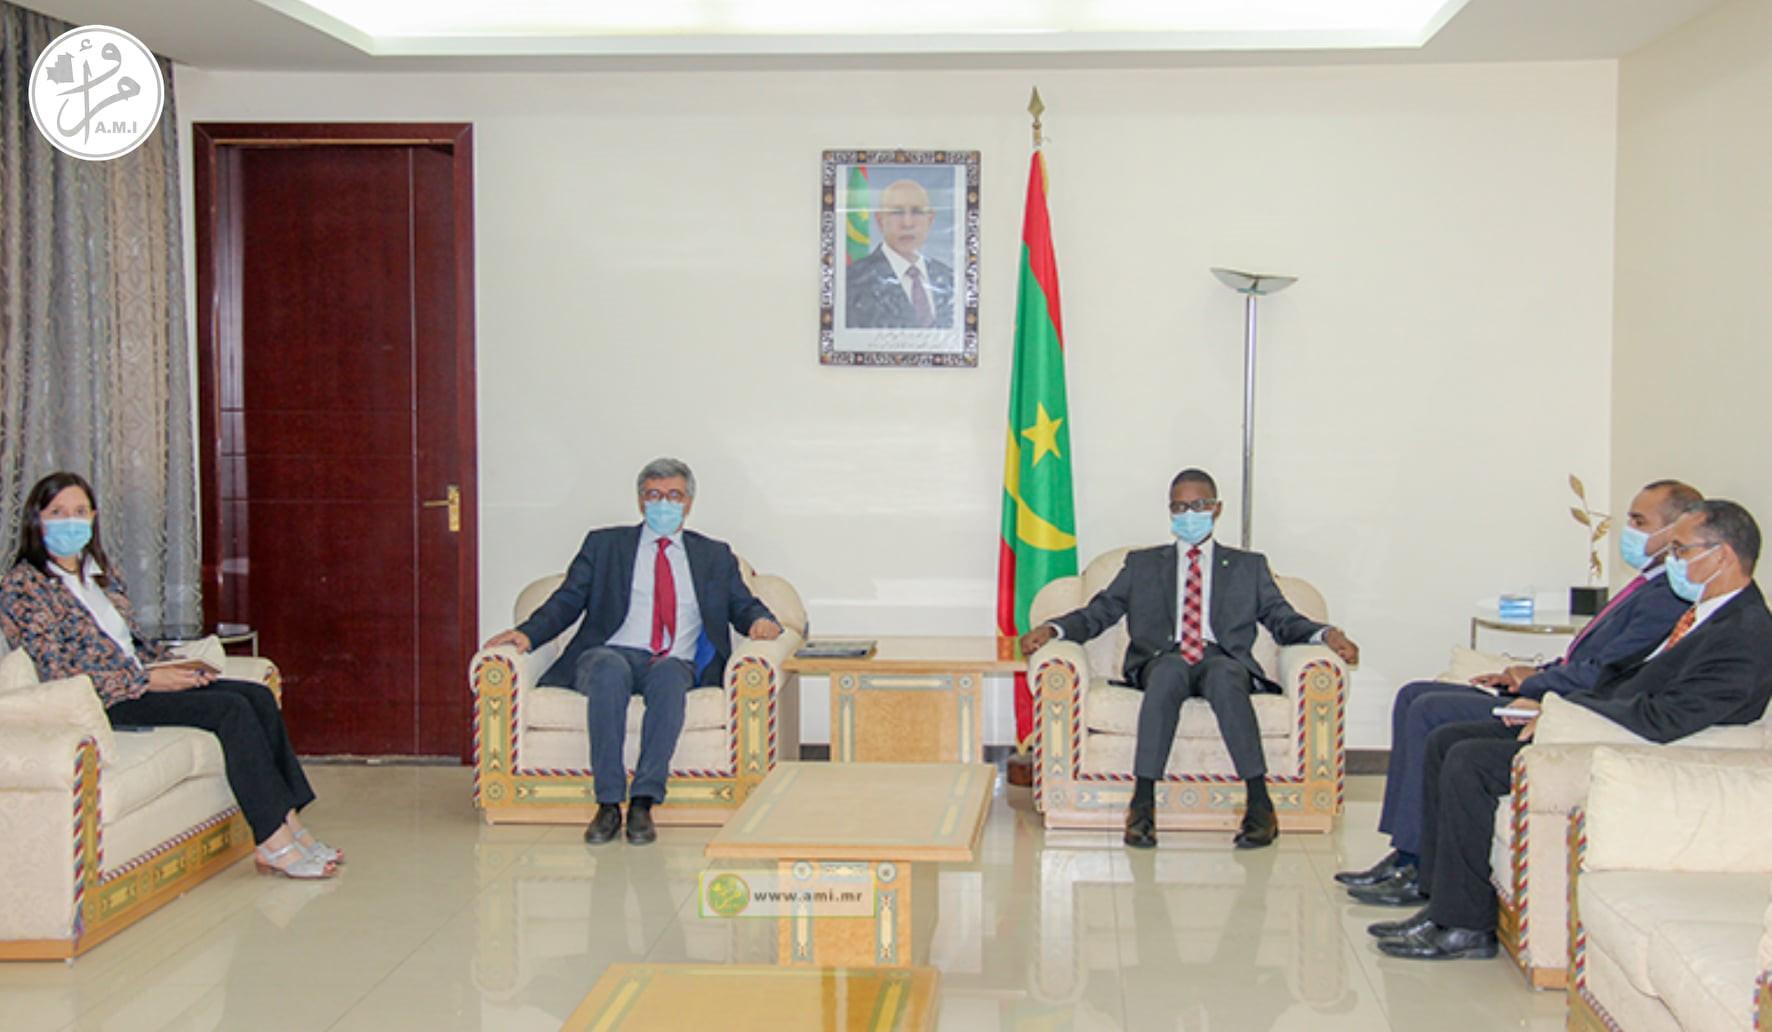 الوزير الأول محمد ولد بلال خلال لقائه مع السفير رئيس بعثة الاتحاد الأوربي جياكومو ديرازو (وما)